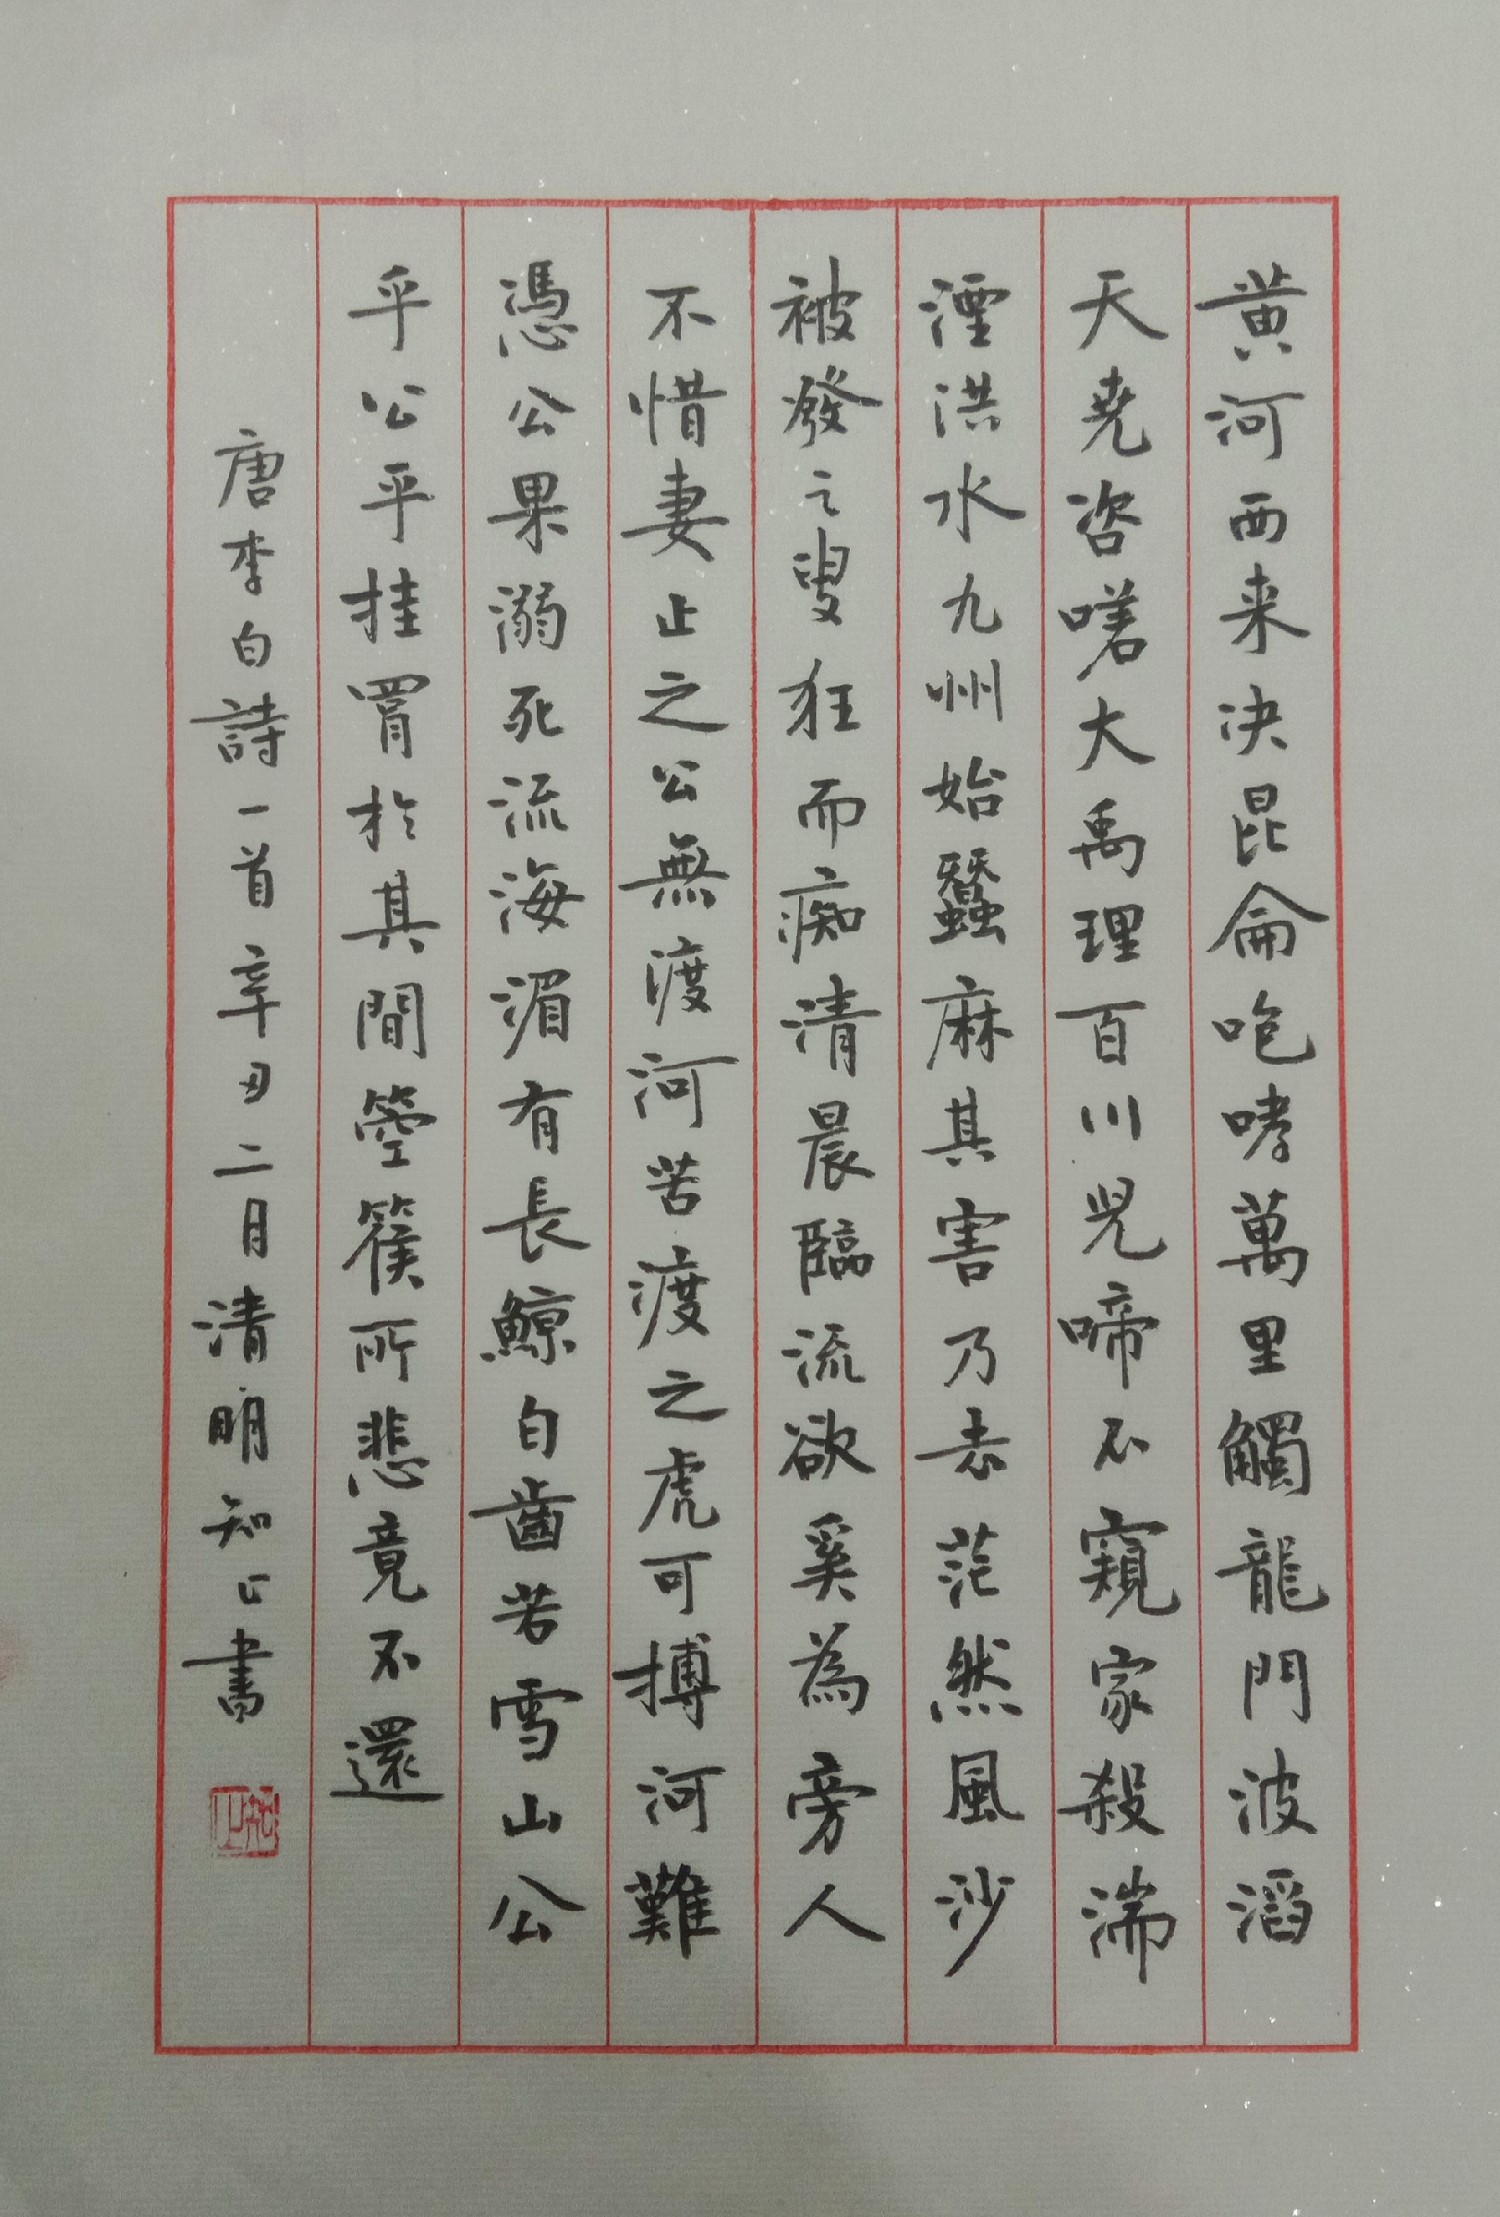 钢笔爱好者练字打卡20210406-28